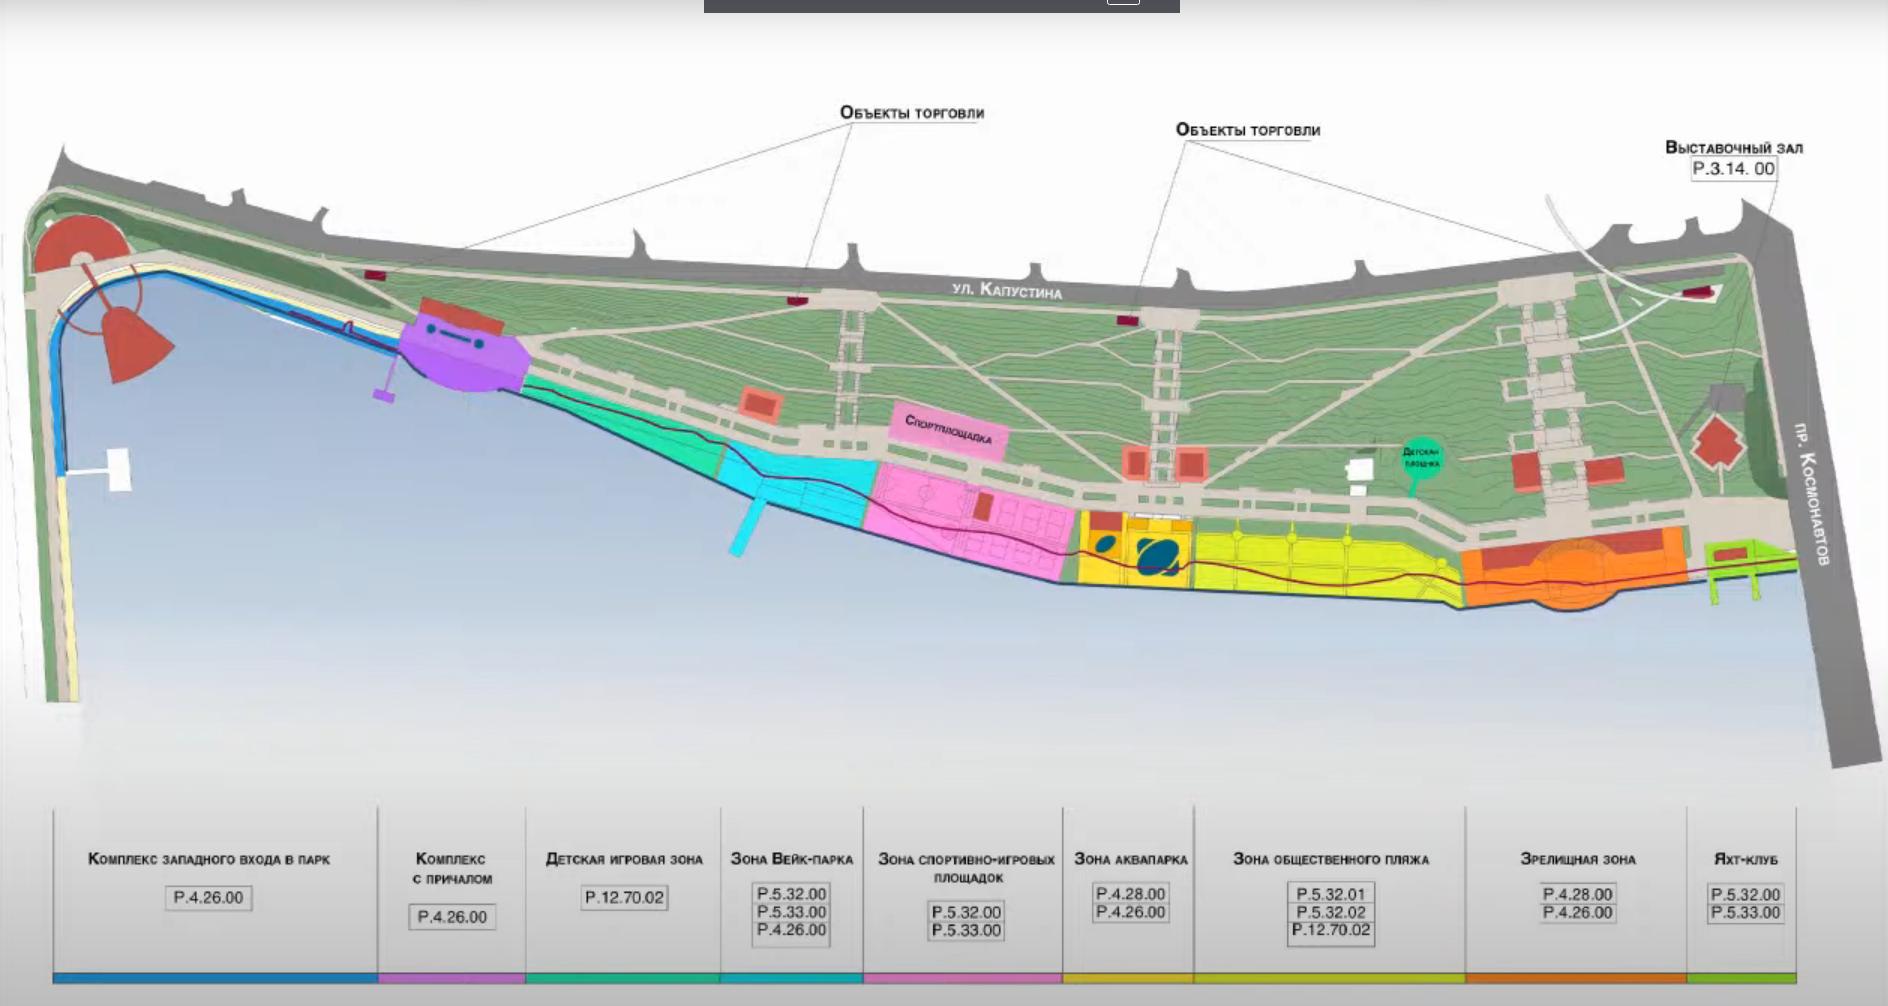 Реконструкцию парка «Дружба» в Ростове оценили в 500 млн рублей